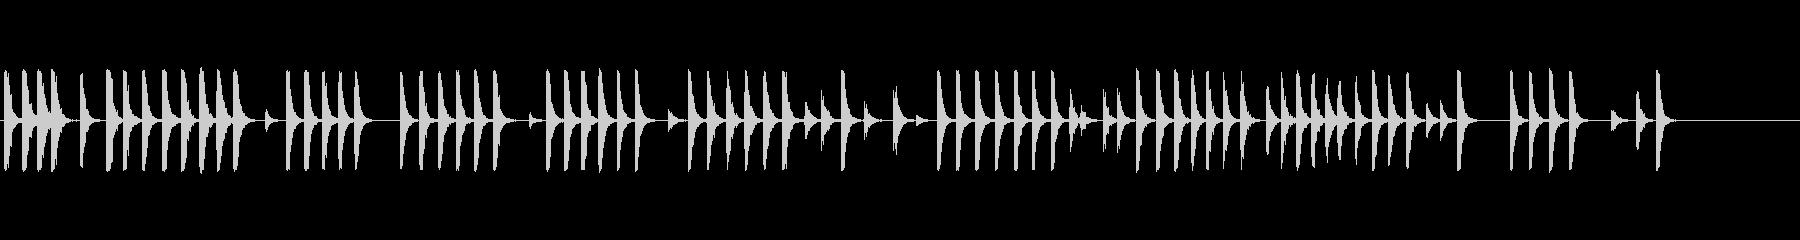 板金上のハンマー1の未再生の波形